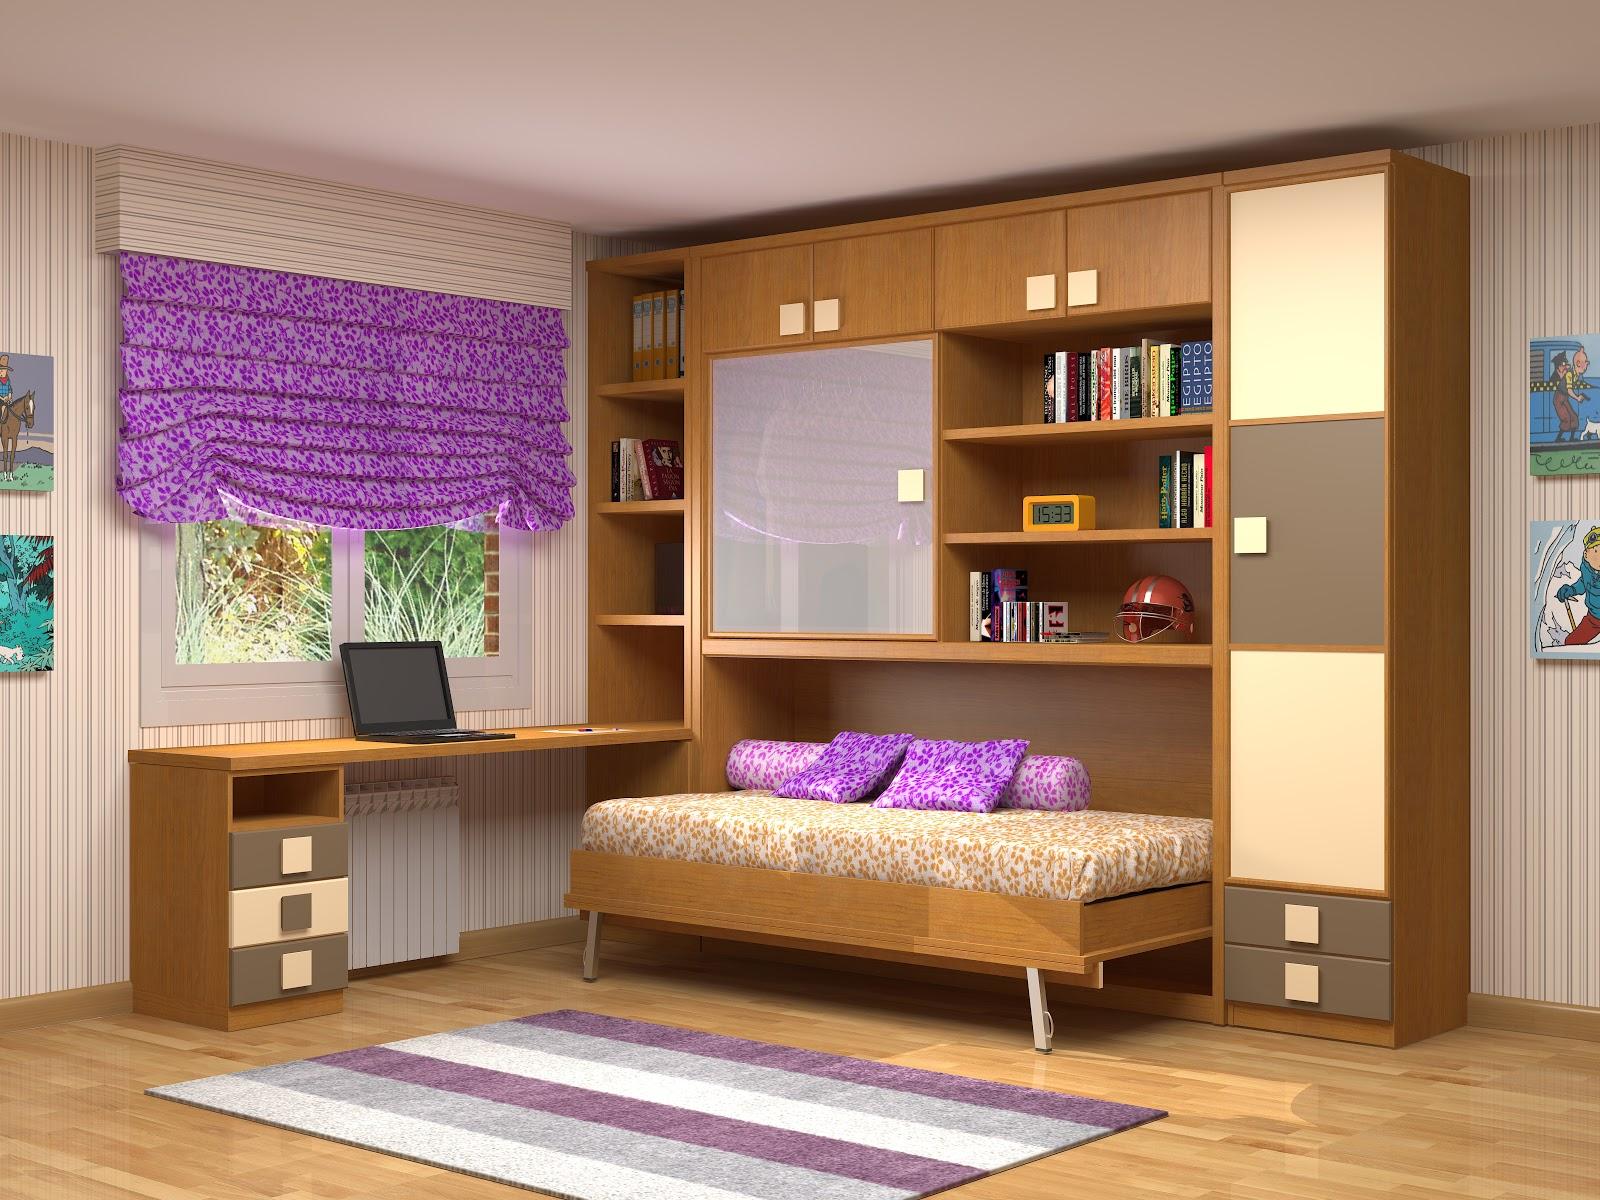 Muebles juveniles dormitorios infantiles y habitaciones for Armarios para dormitorios juveniles